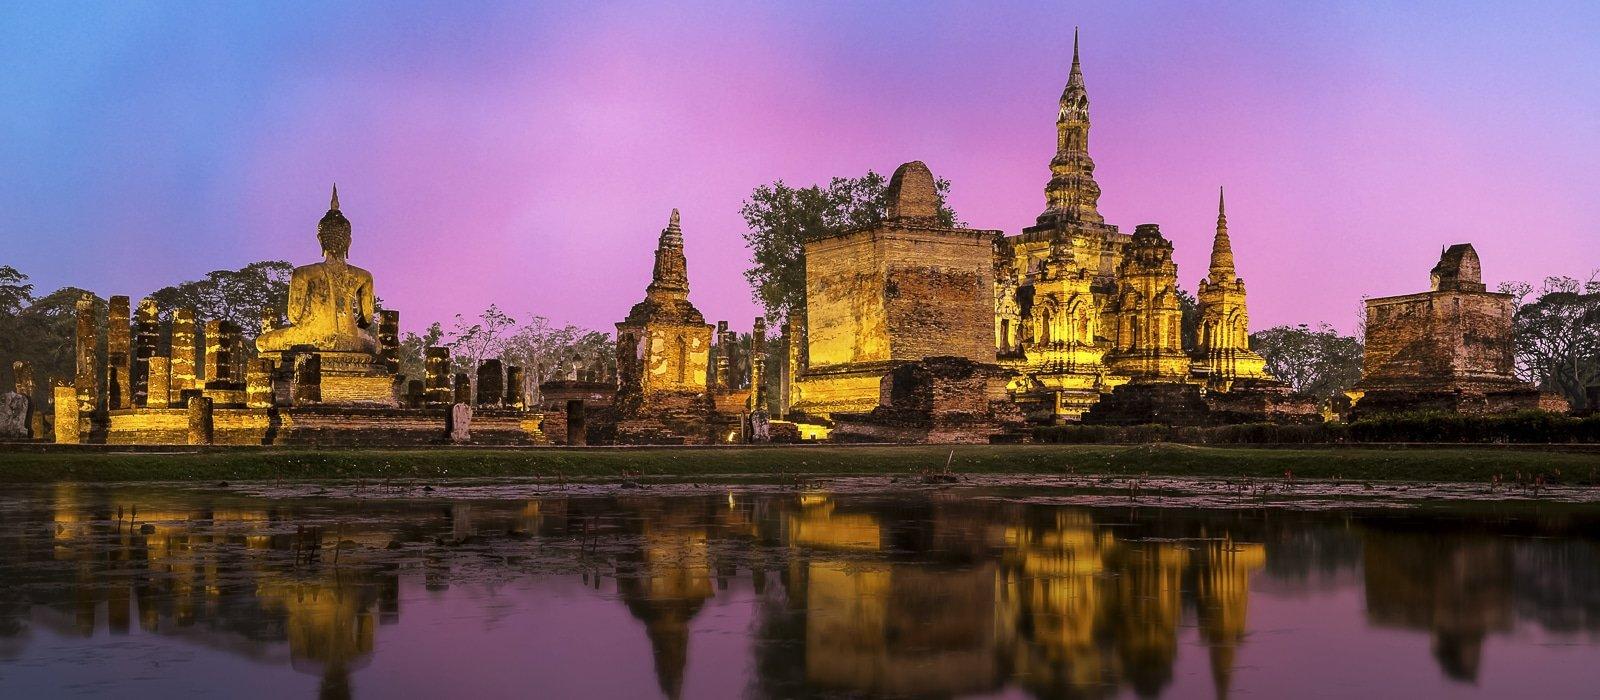 img-diapo-entete - thailande-1600x700-12.jpg